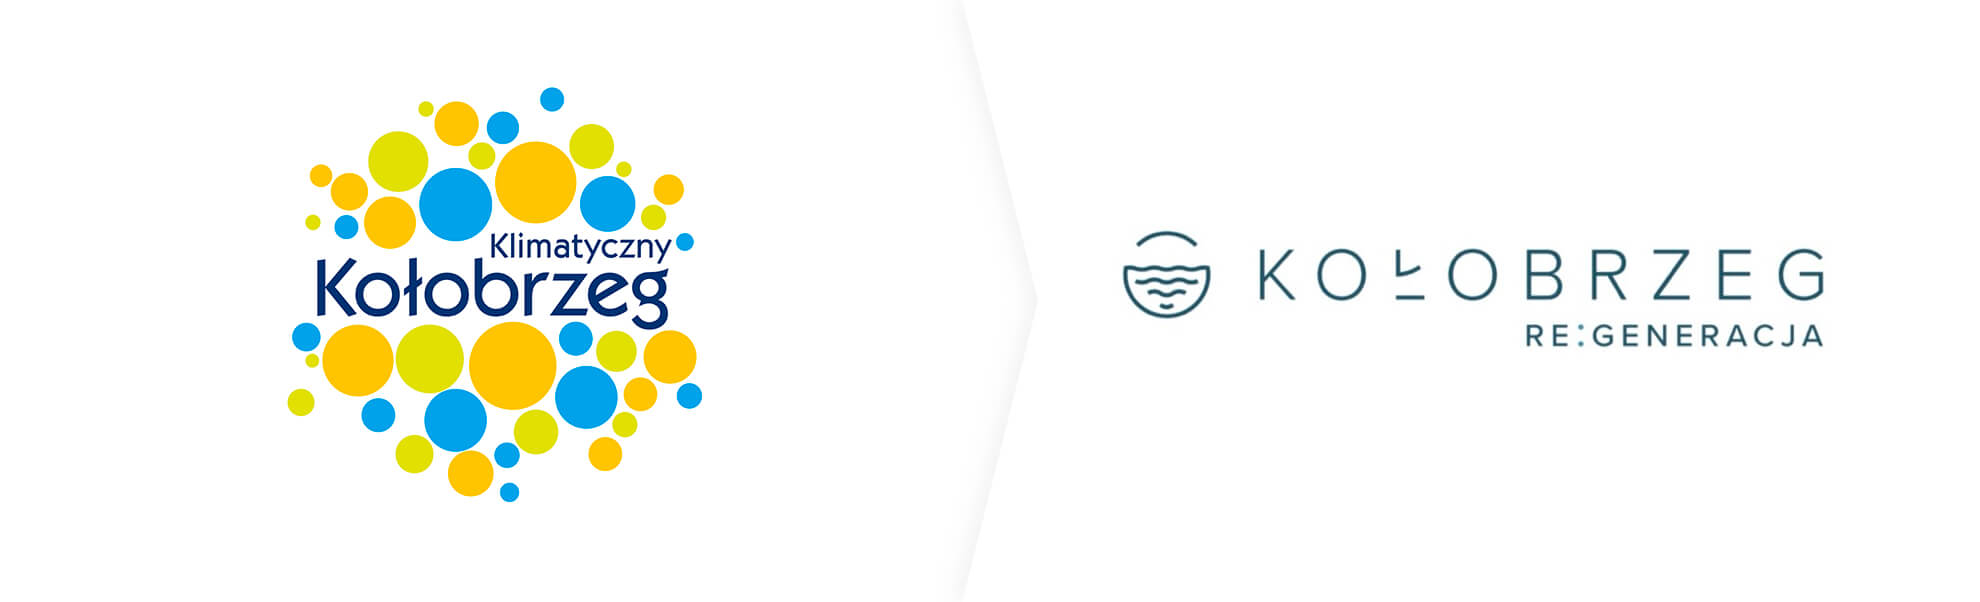 satre i nowe logo Kołobrzegu